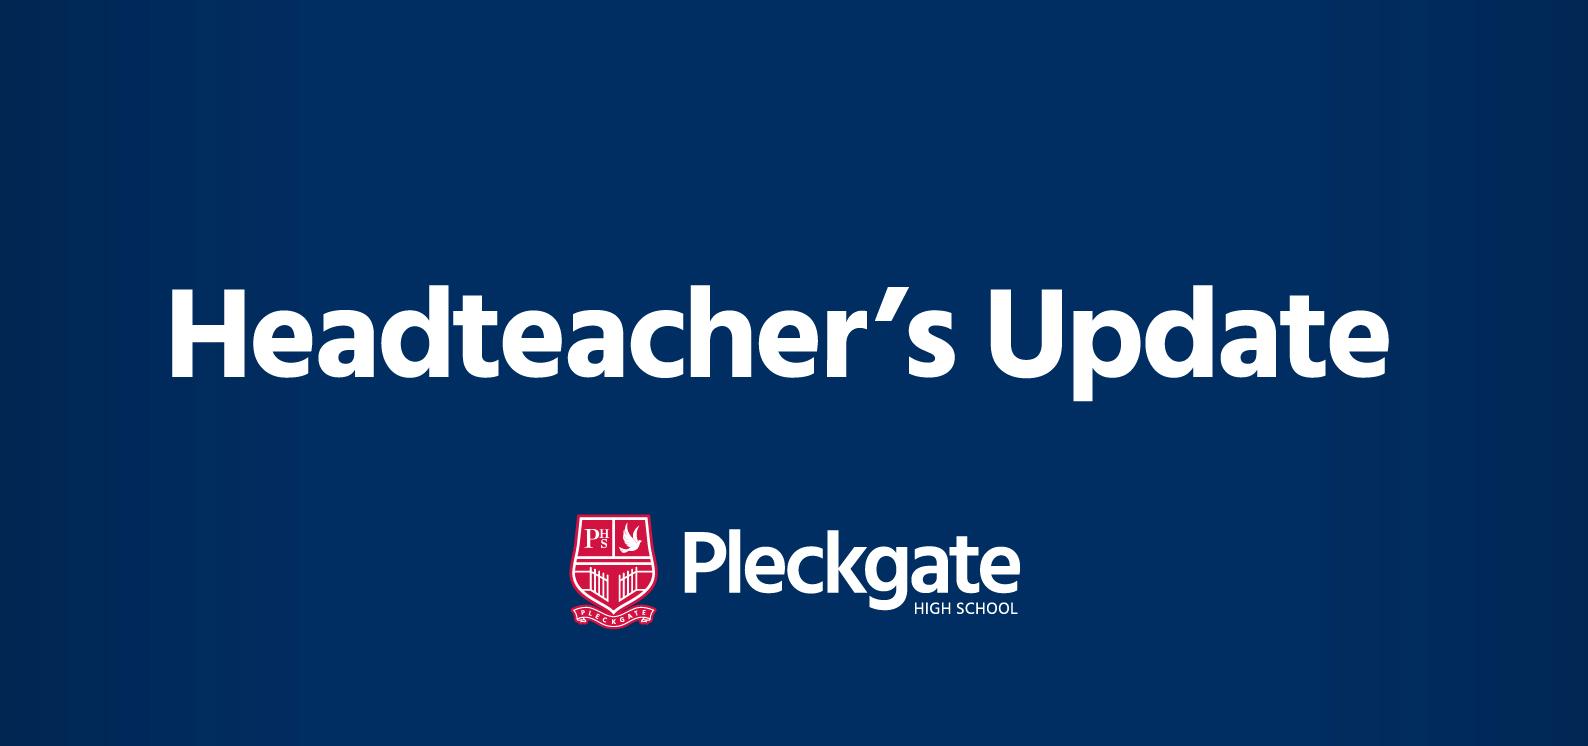 Headteacher's Update – April 2019